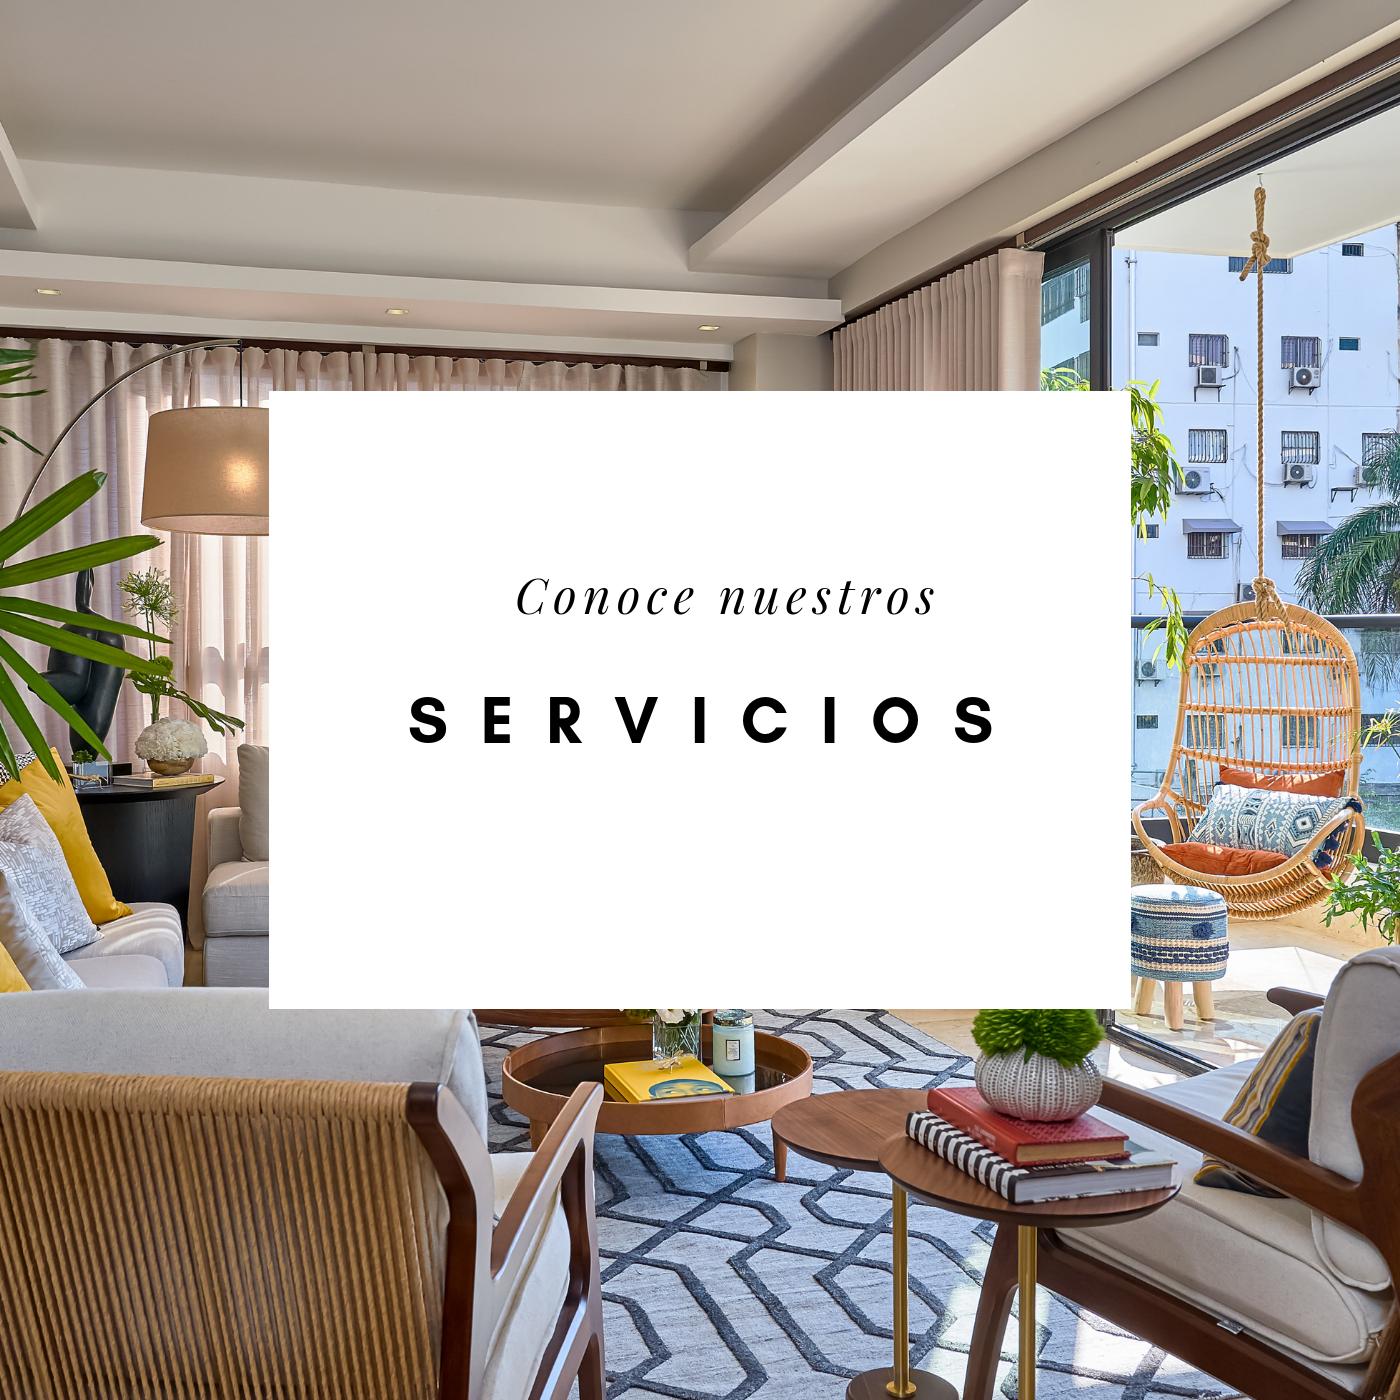 Servicios (2).png